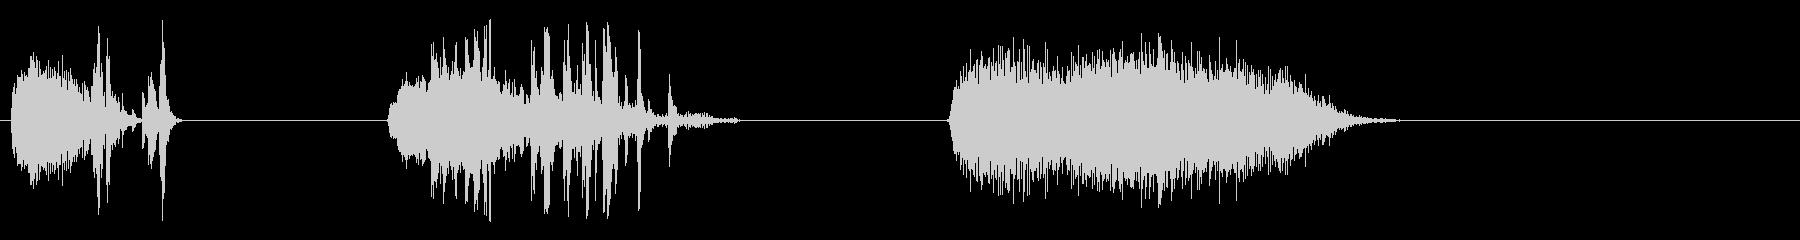 大きな怪物のうなり声(つまり、モン...の未再生の波形